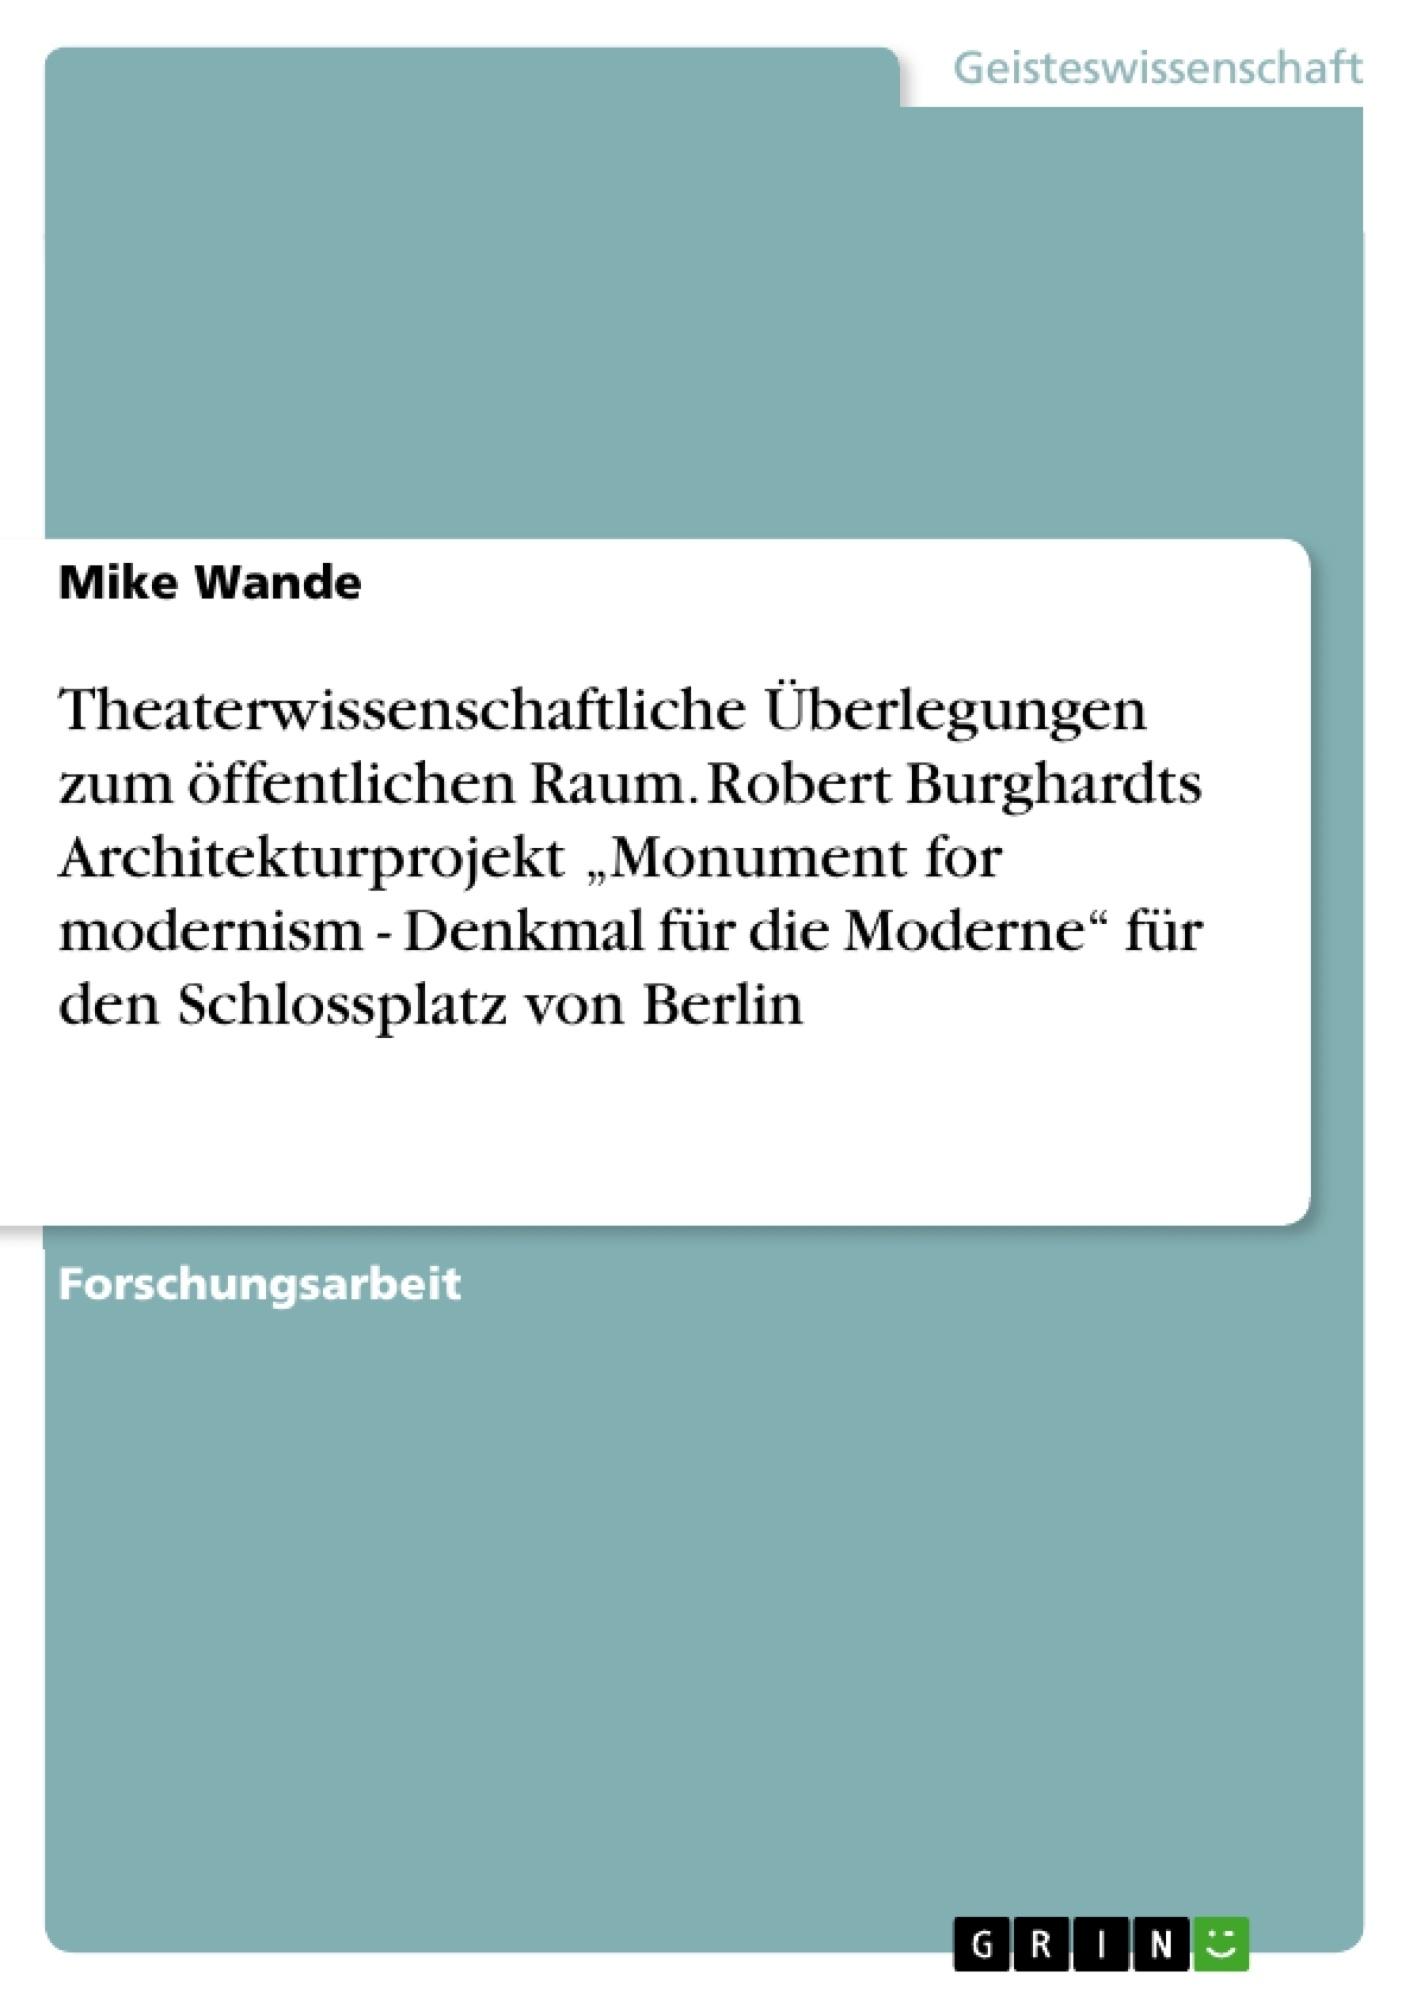 """Titel: Theaterwissenschaftliche Überlegungen zum öffentlichen Raum. Robert Burghardts Architekturprojekt """"Monument for modernism - Denkmal für die Moderne"""" für den Schlossplatz von Berlin"""